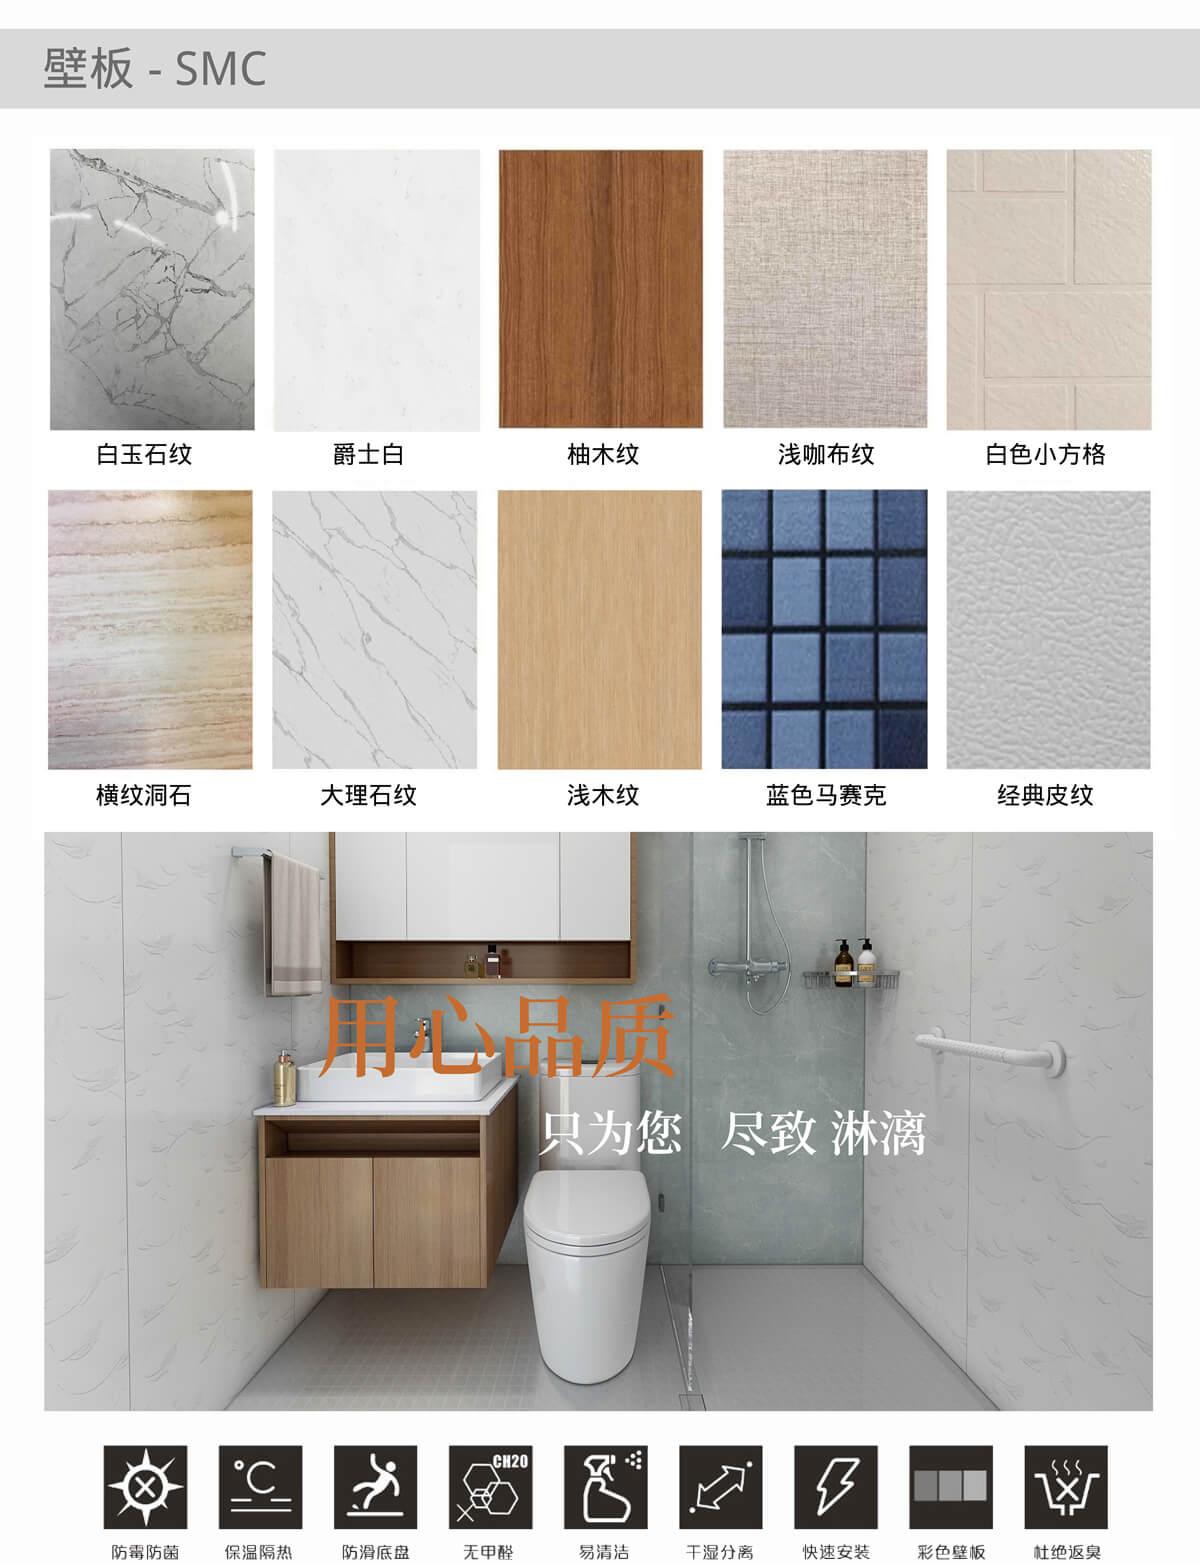 馨逸整体卫浴产品介绍